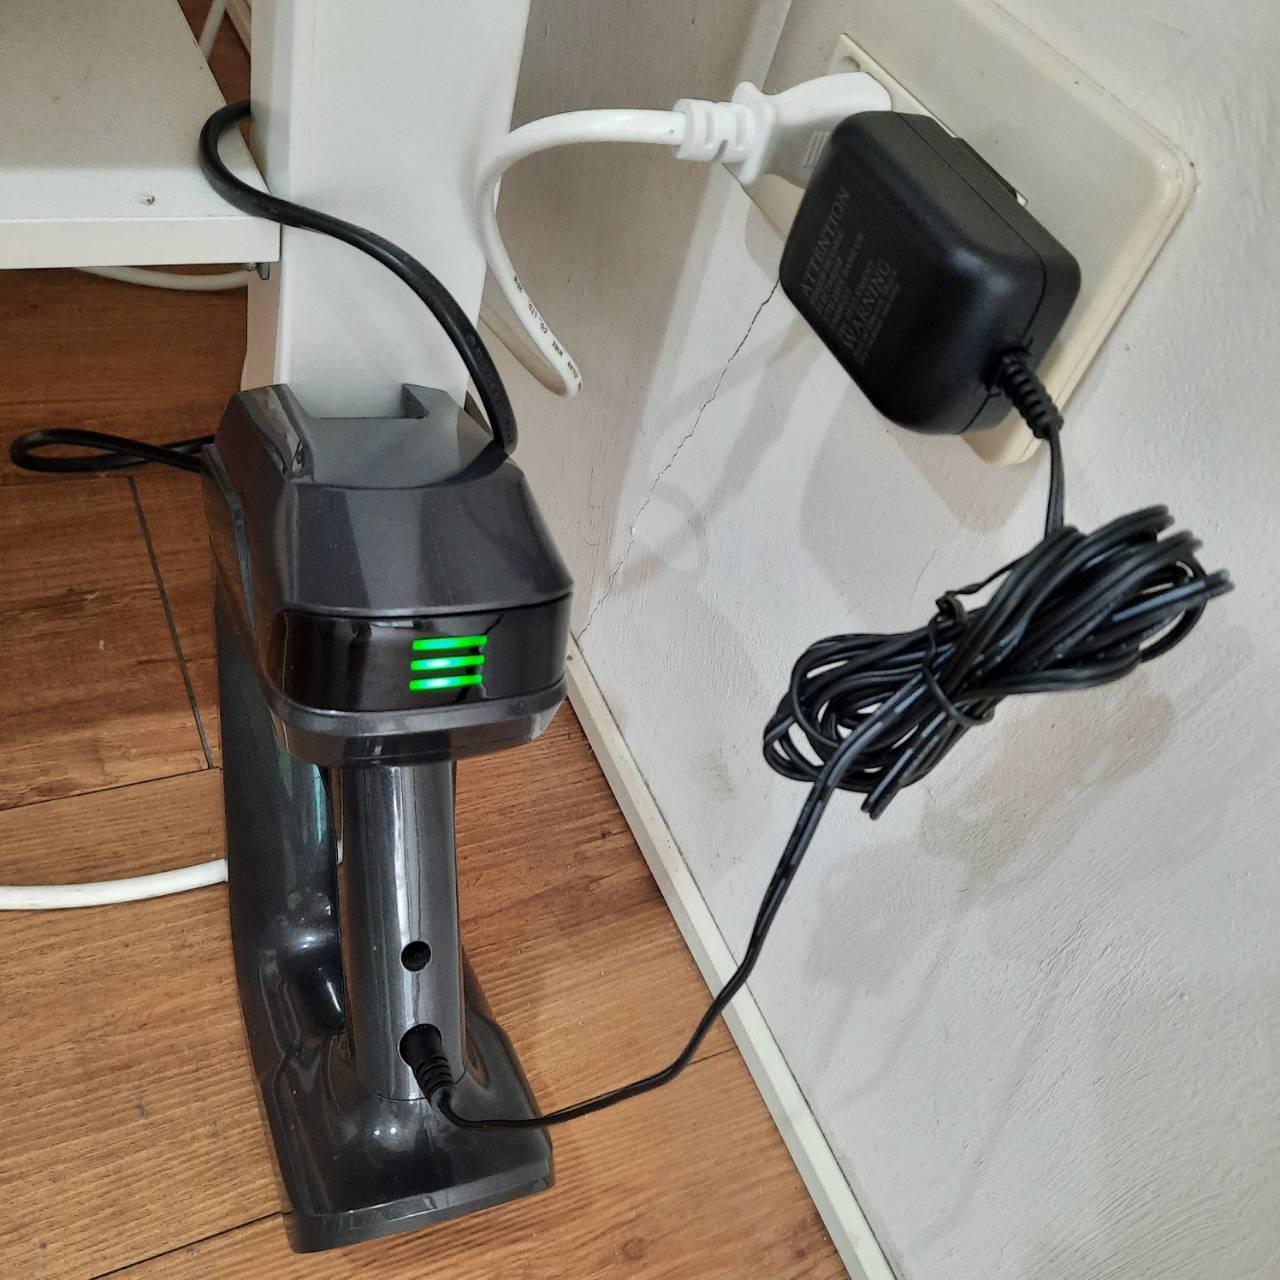 鋰電池充電